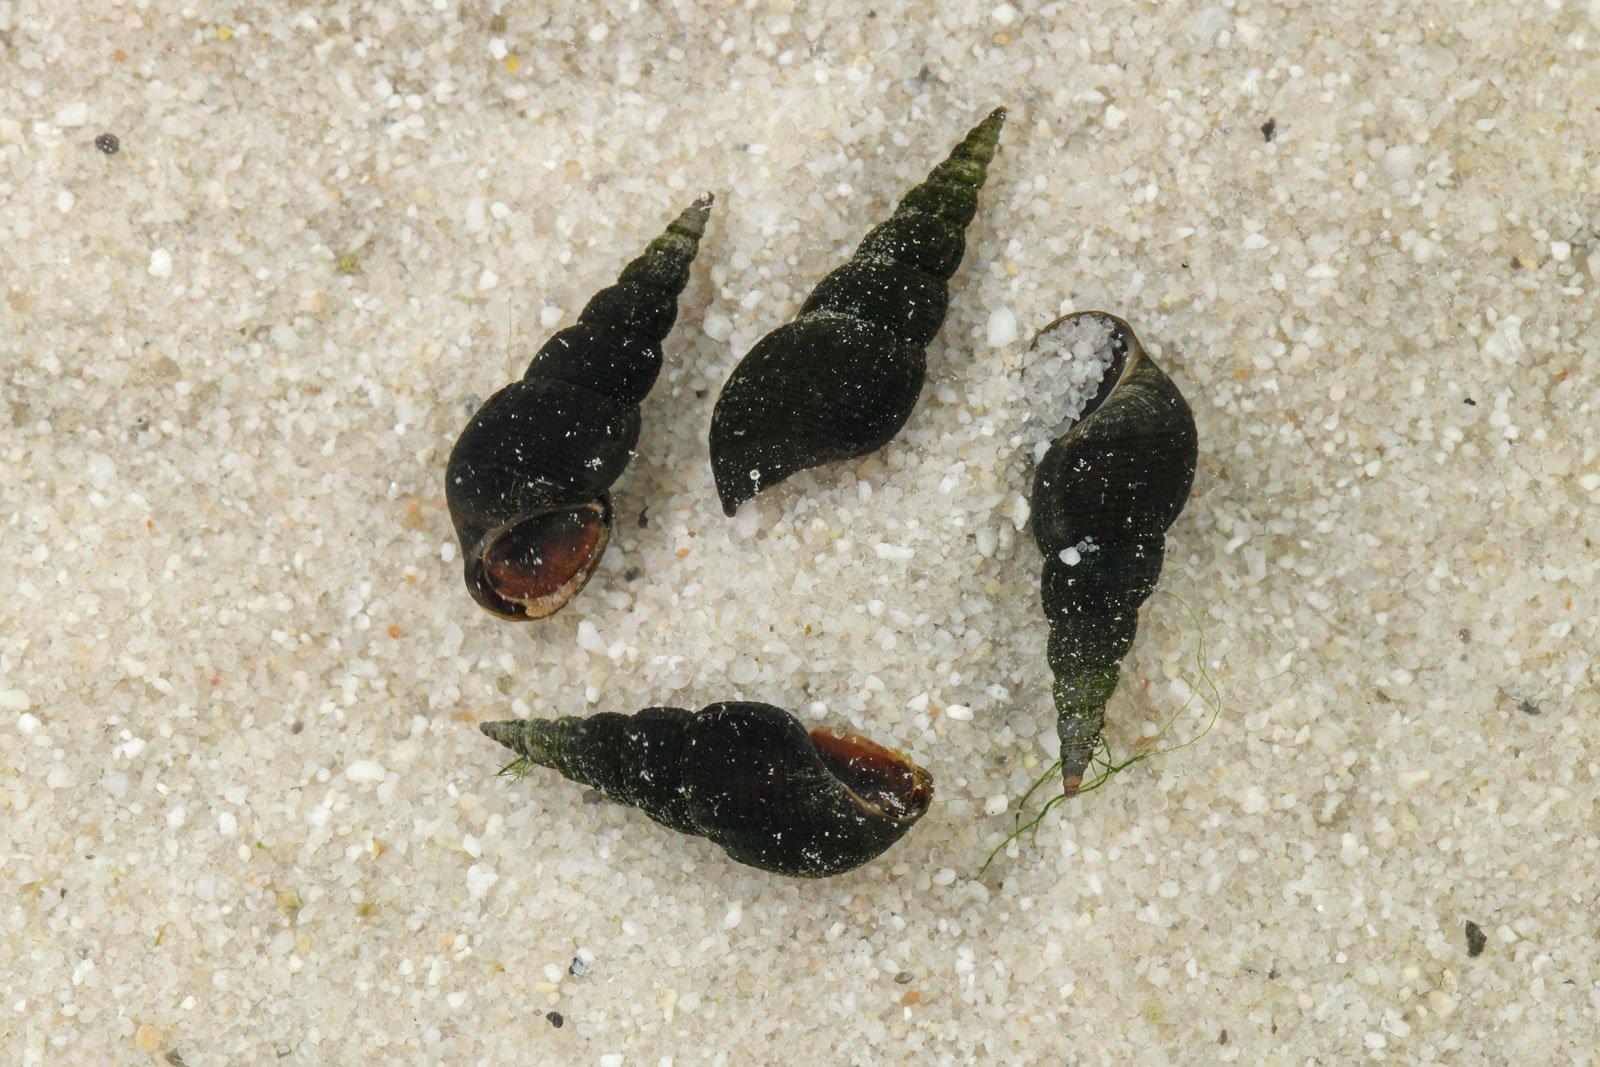 Neli melanoides macualata torntigu liival